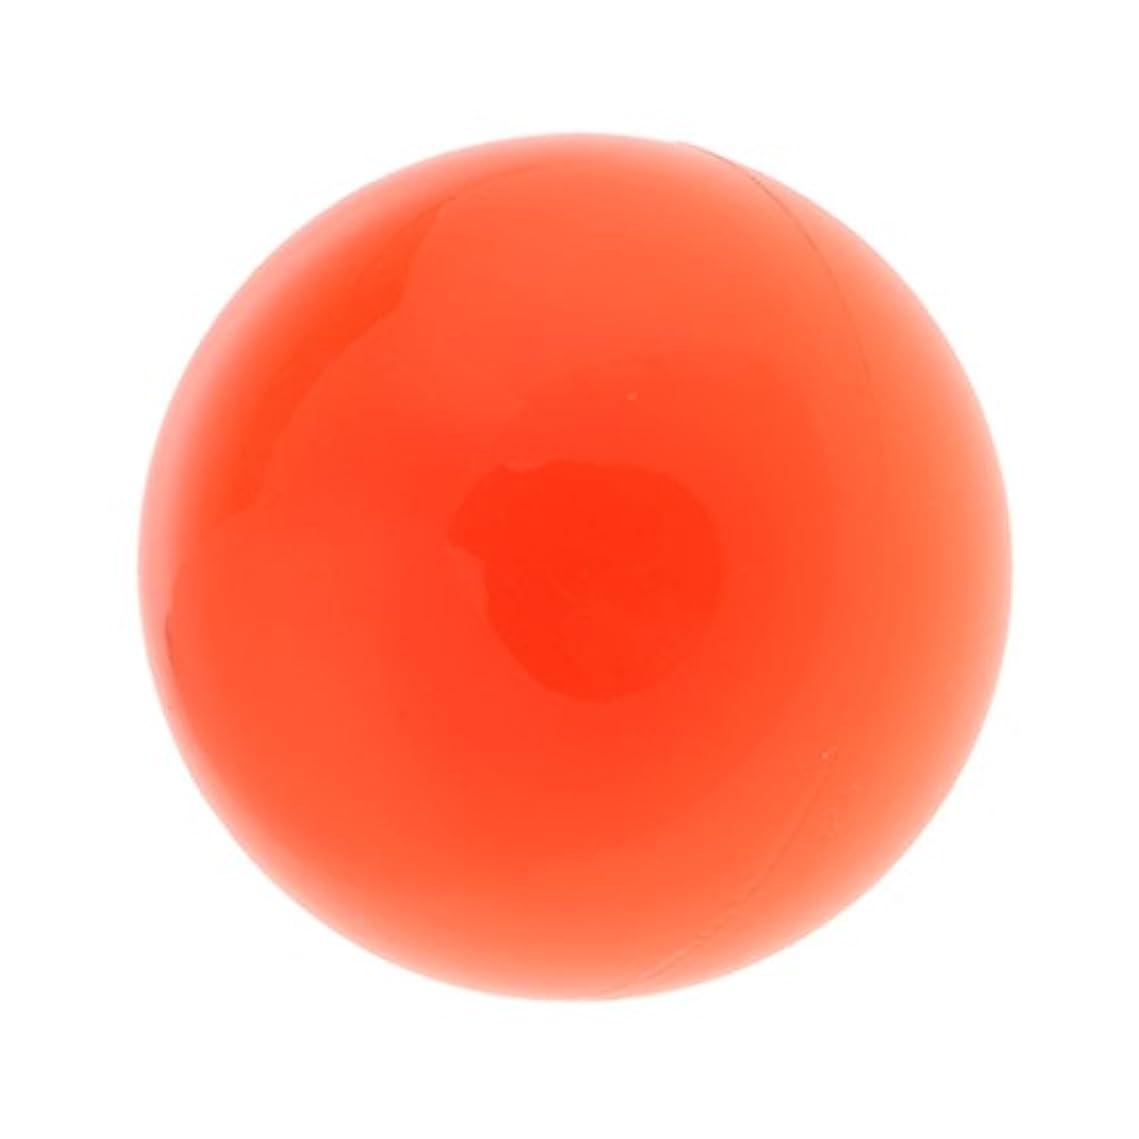 ボタン反射早めるBaosity マッサージボール ラクロスマッサージボール 手首 足 腕 首 背中 足首 ジム ホーム 運動